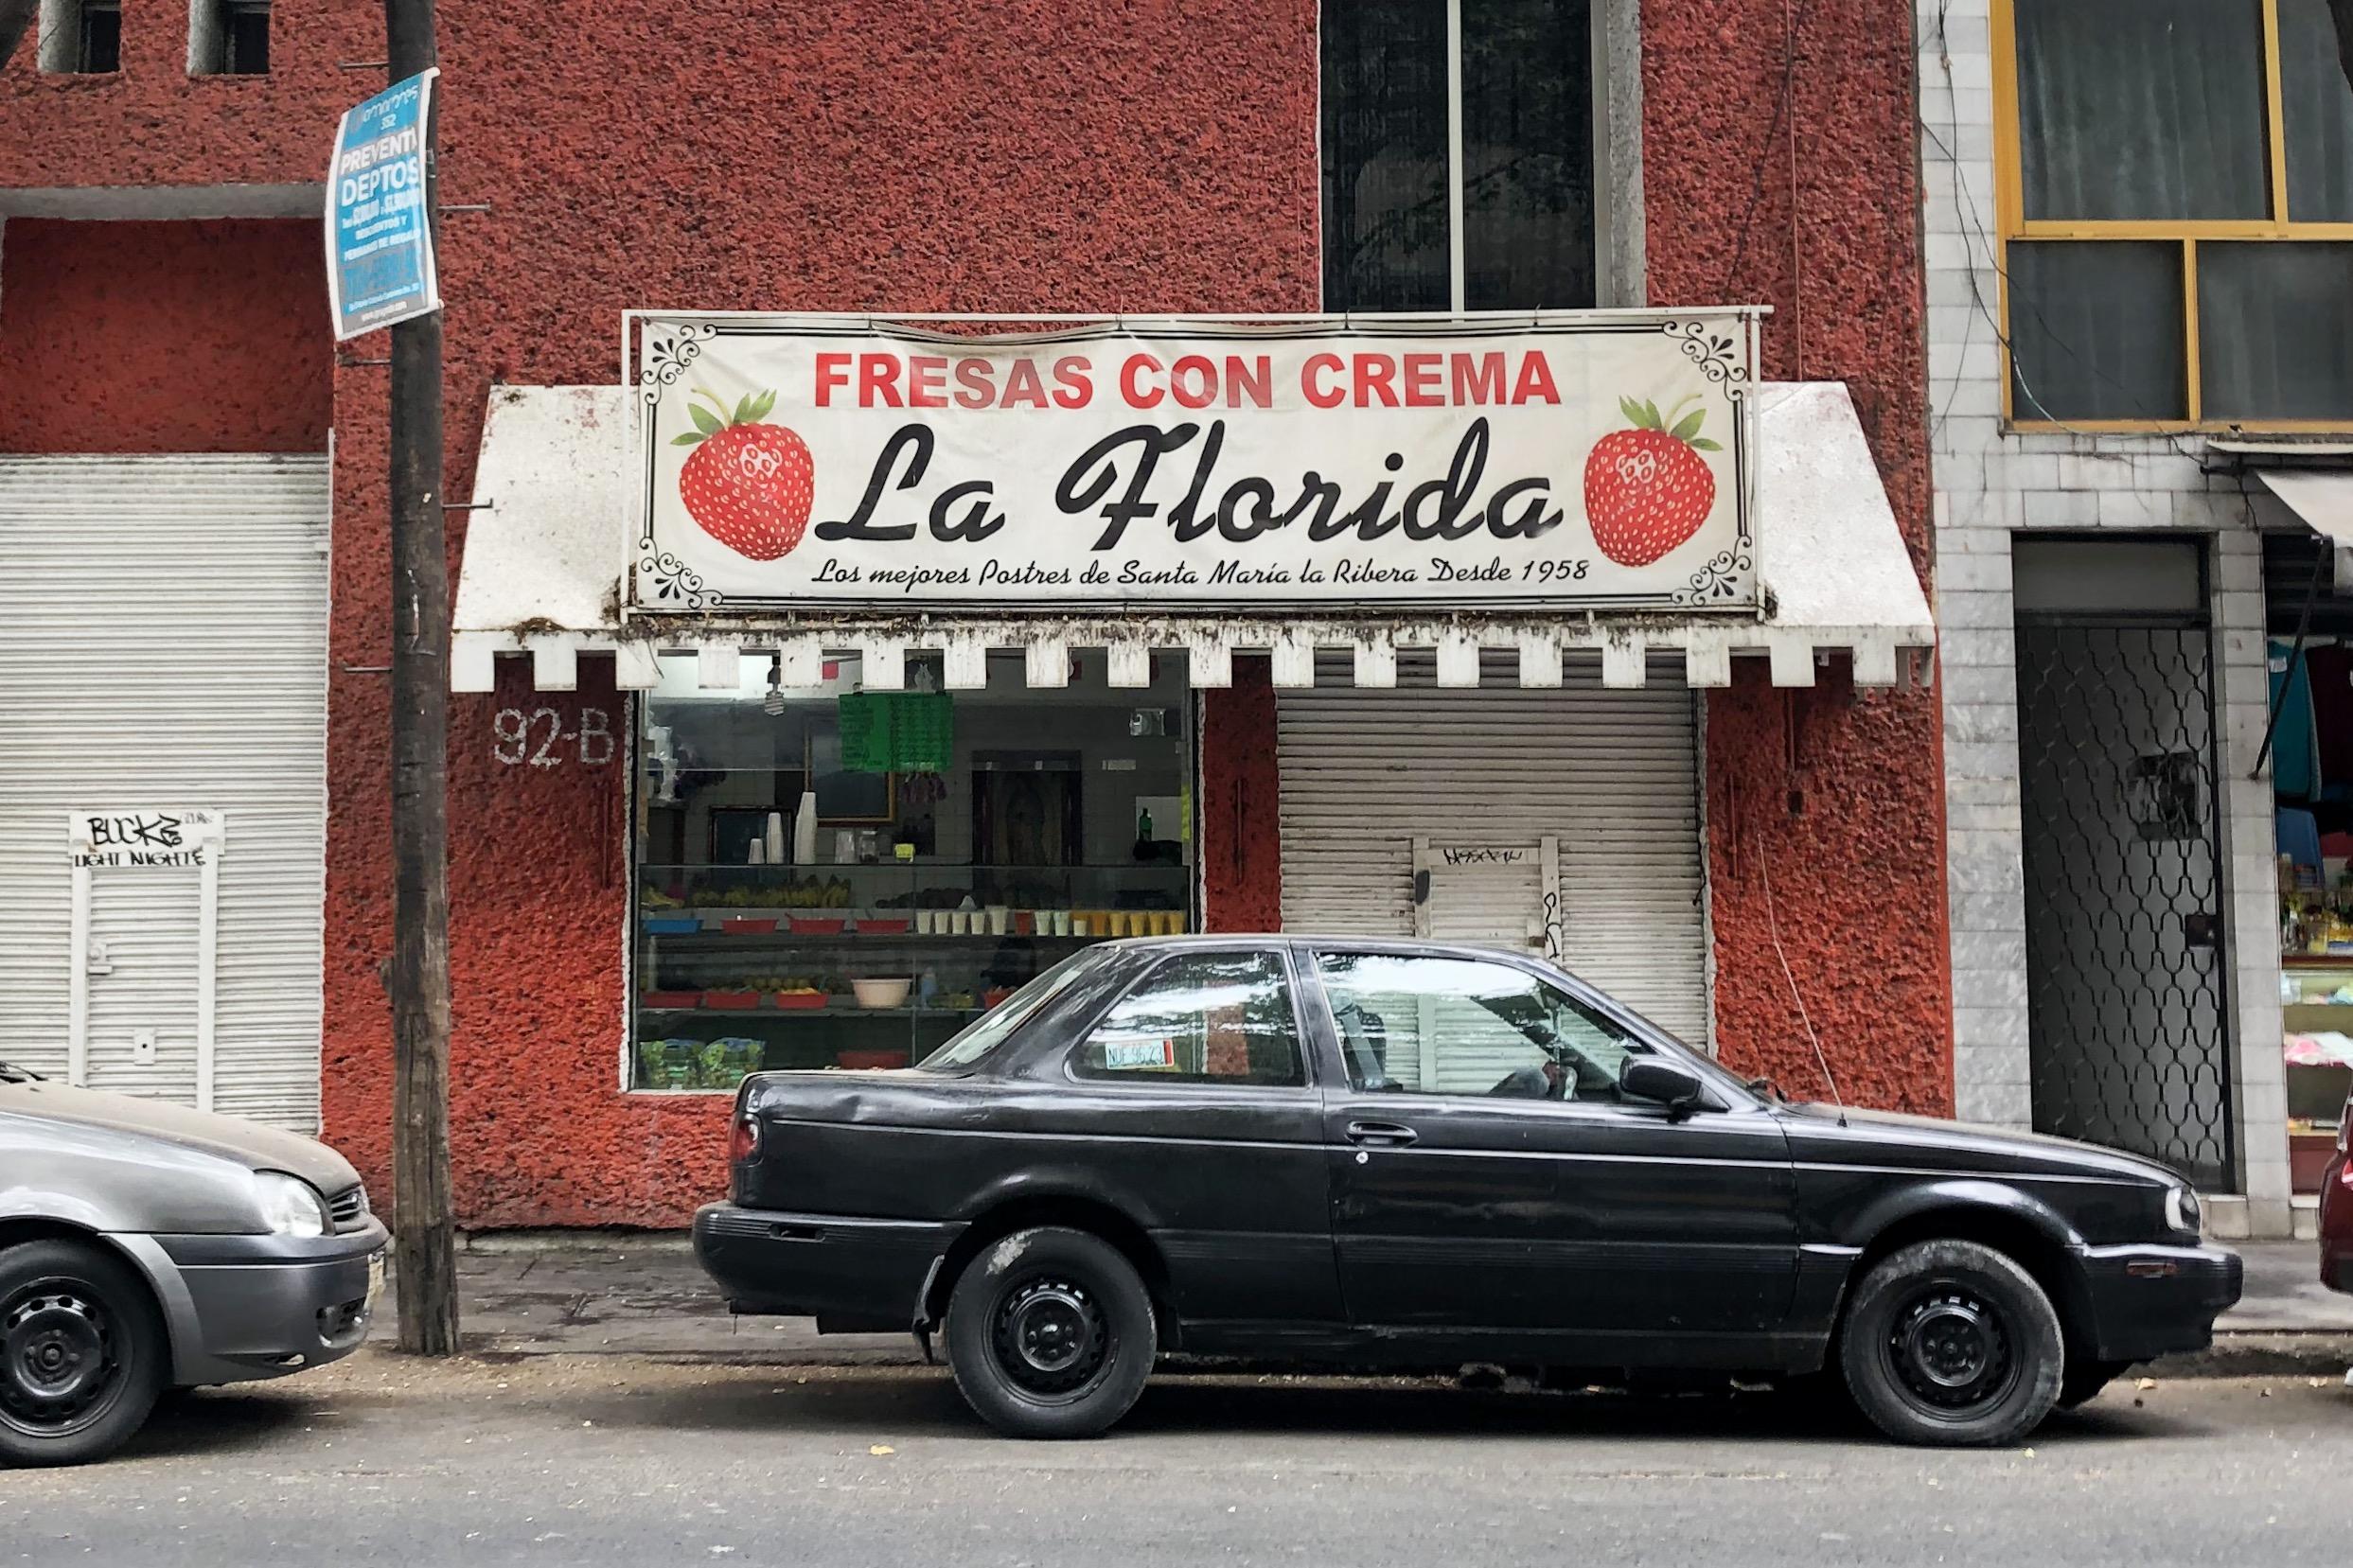 La Florida: 63 años con las mejores fresas con crema 🍓